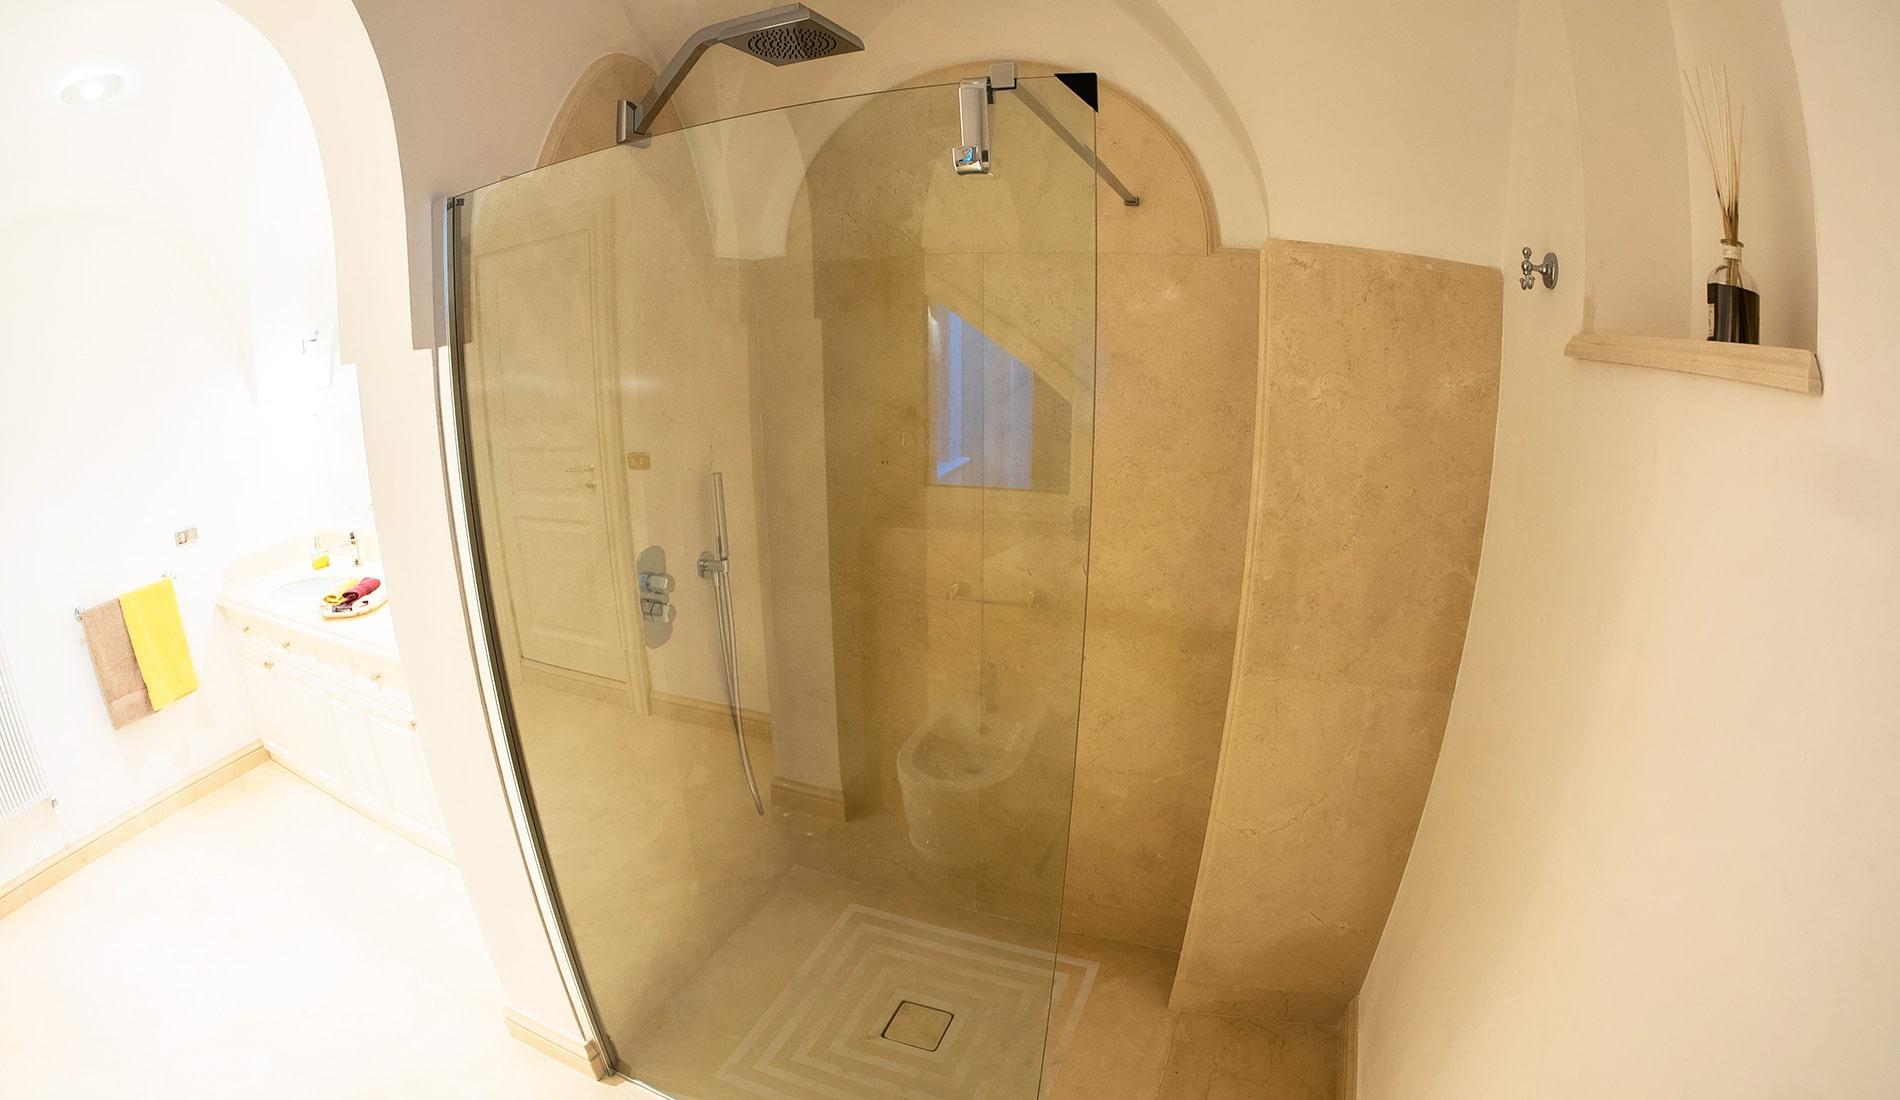 marmi-strada-bagni-in-marmo-naturale-lavelli-vasche-docce-rivestimenti-8